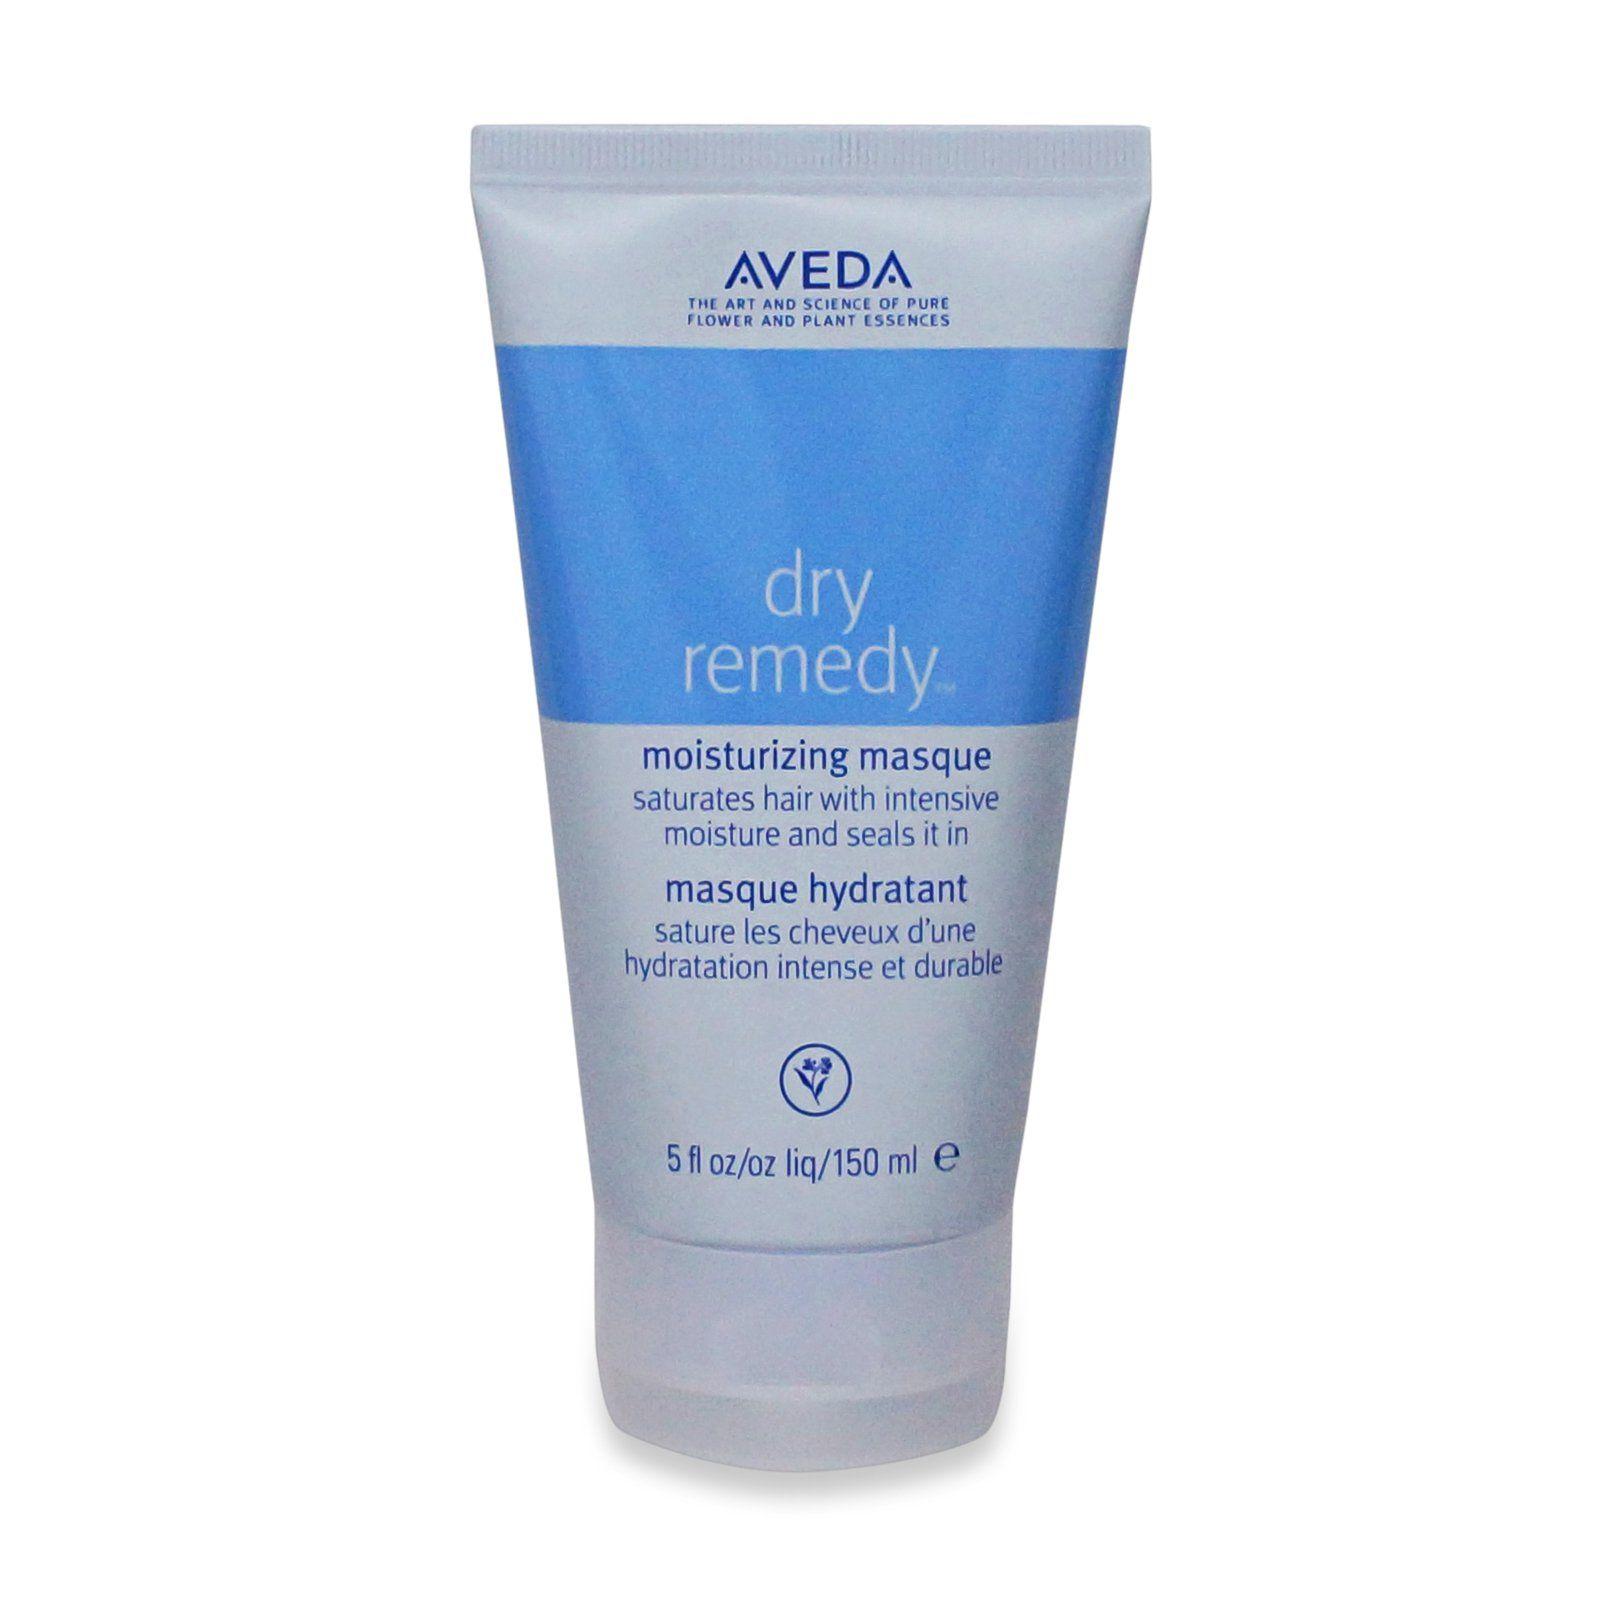 Aveda Dry Remedy Moisturizing Masque 5 Oz Aveda, Hair